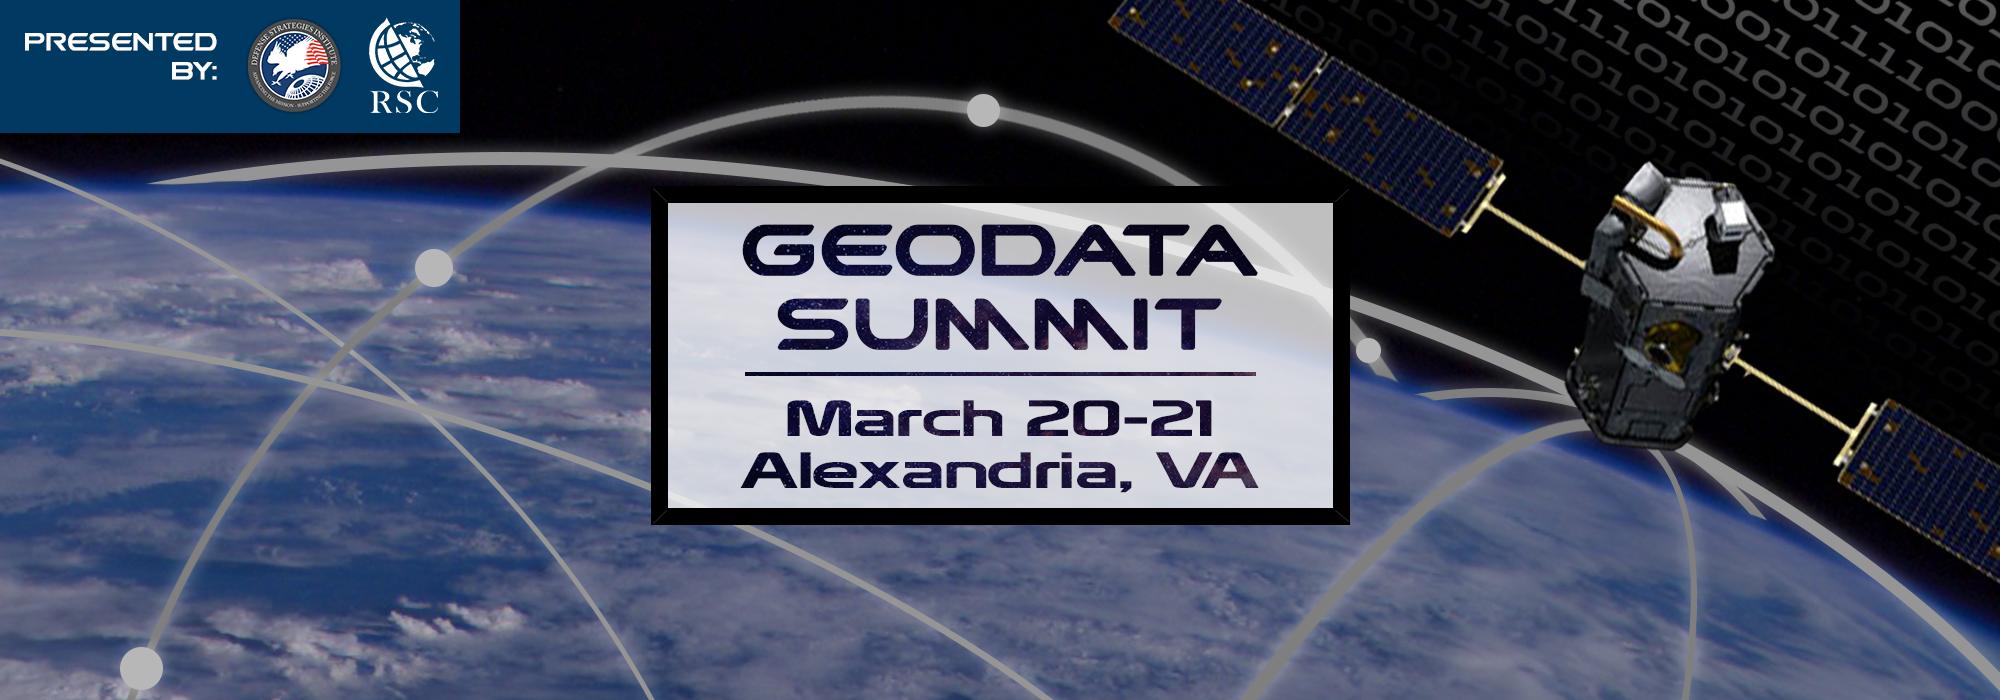 GeoData Banner